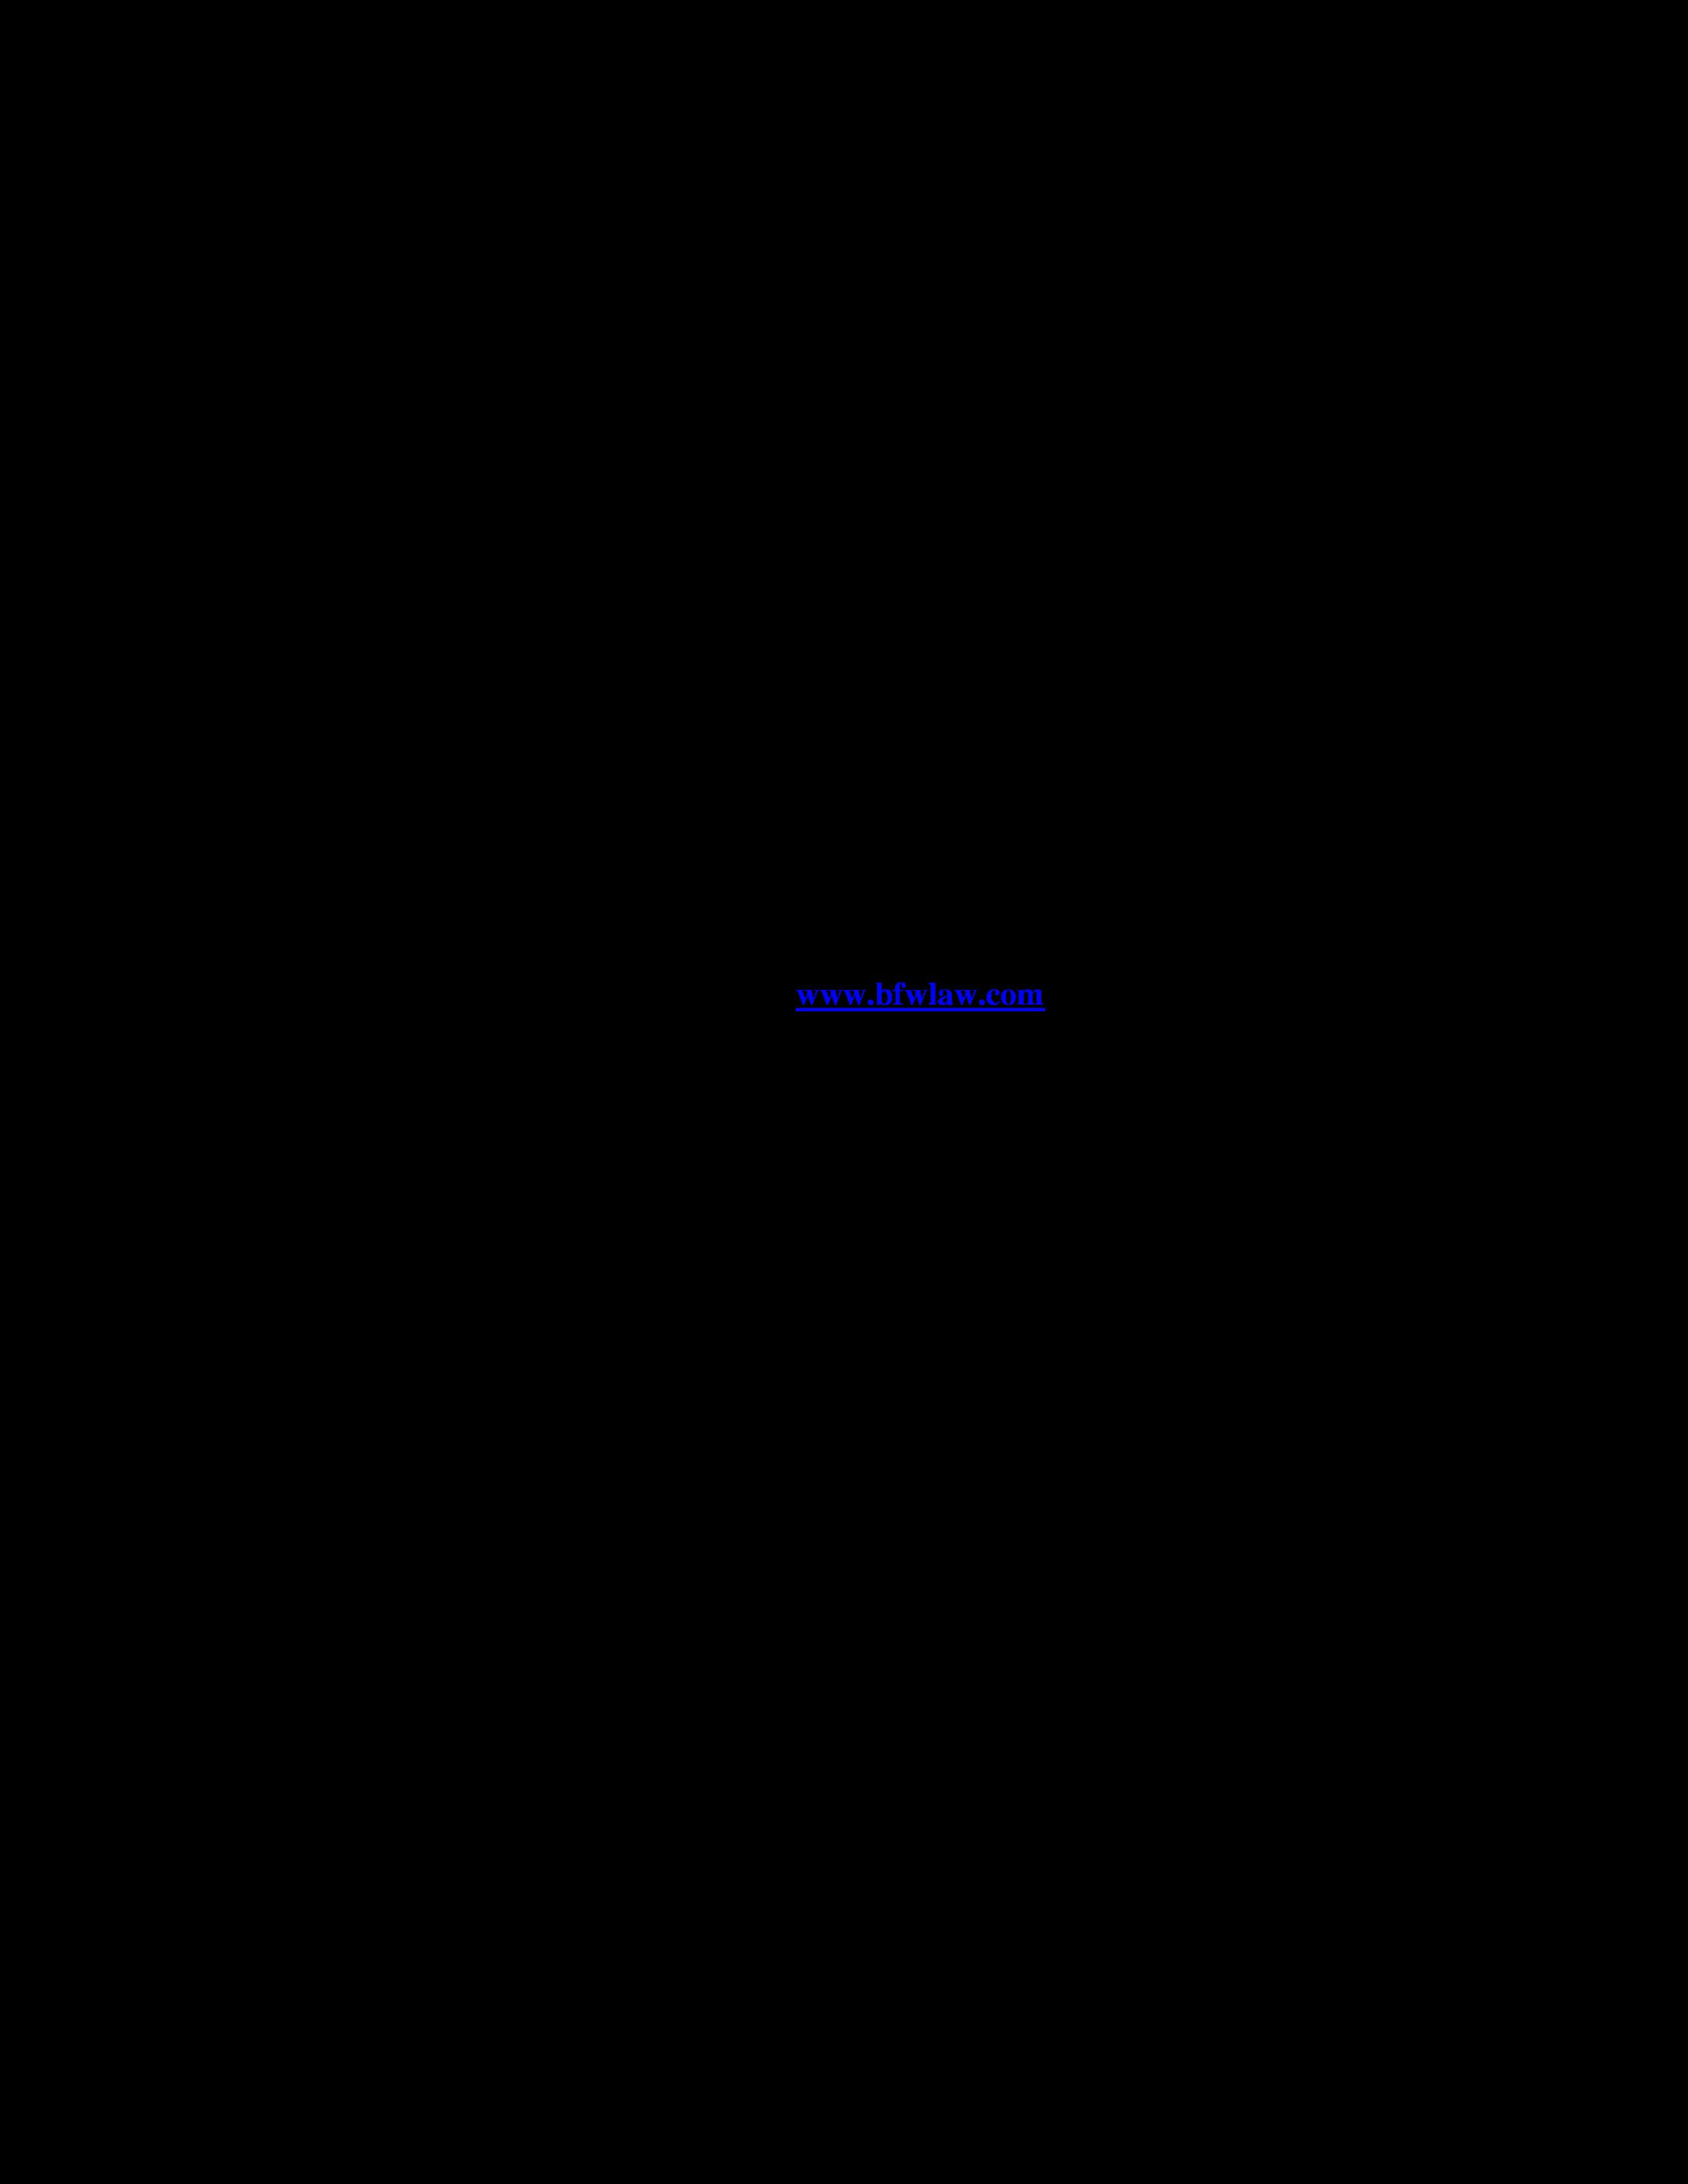 Multi Member Operating Agreement Main Image Download Template